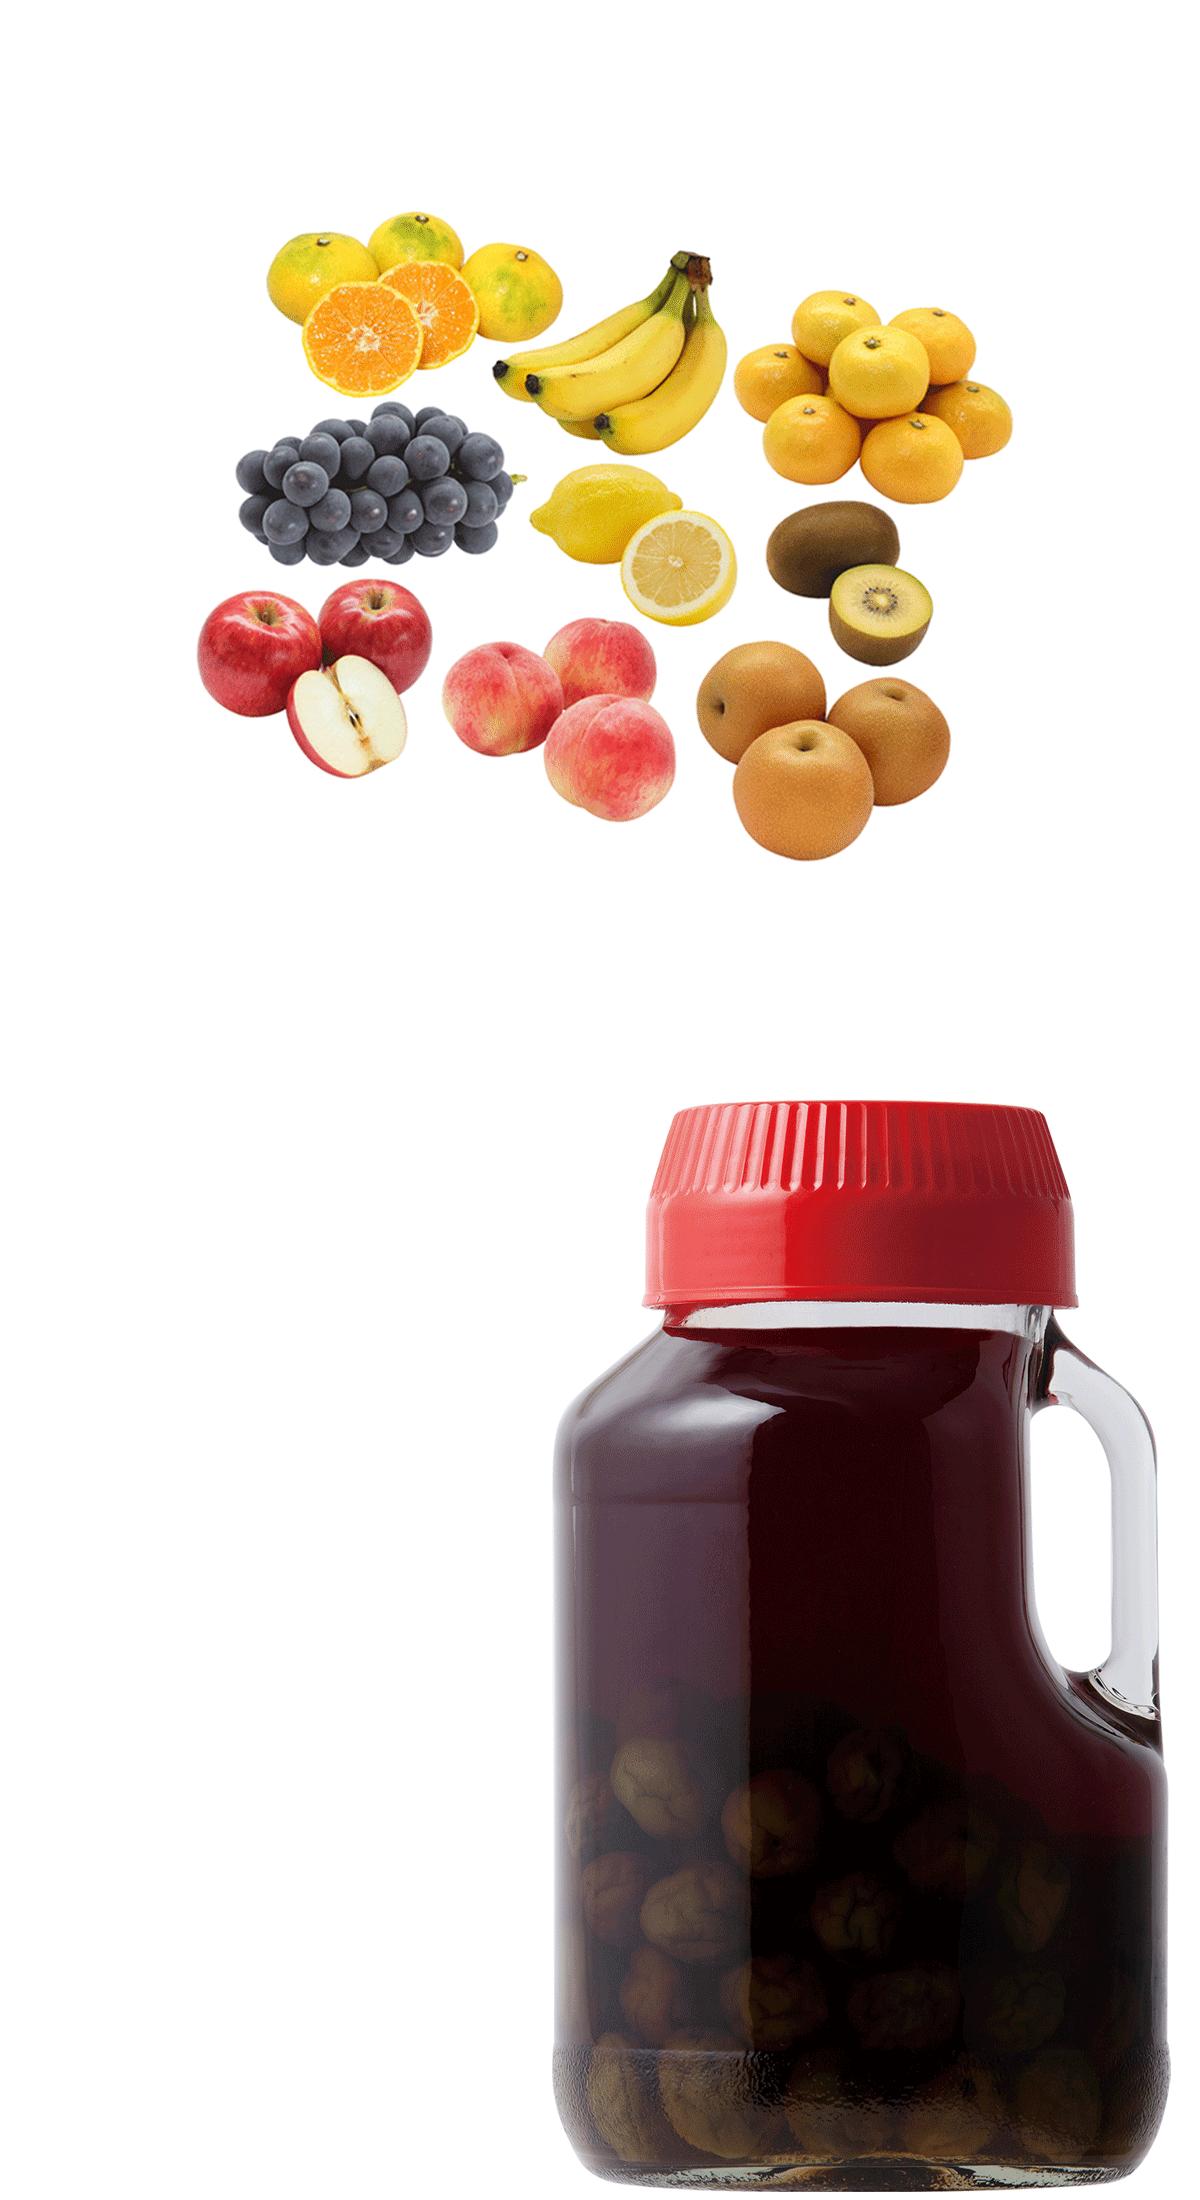 りんご酢果物漬け